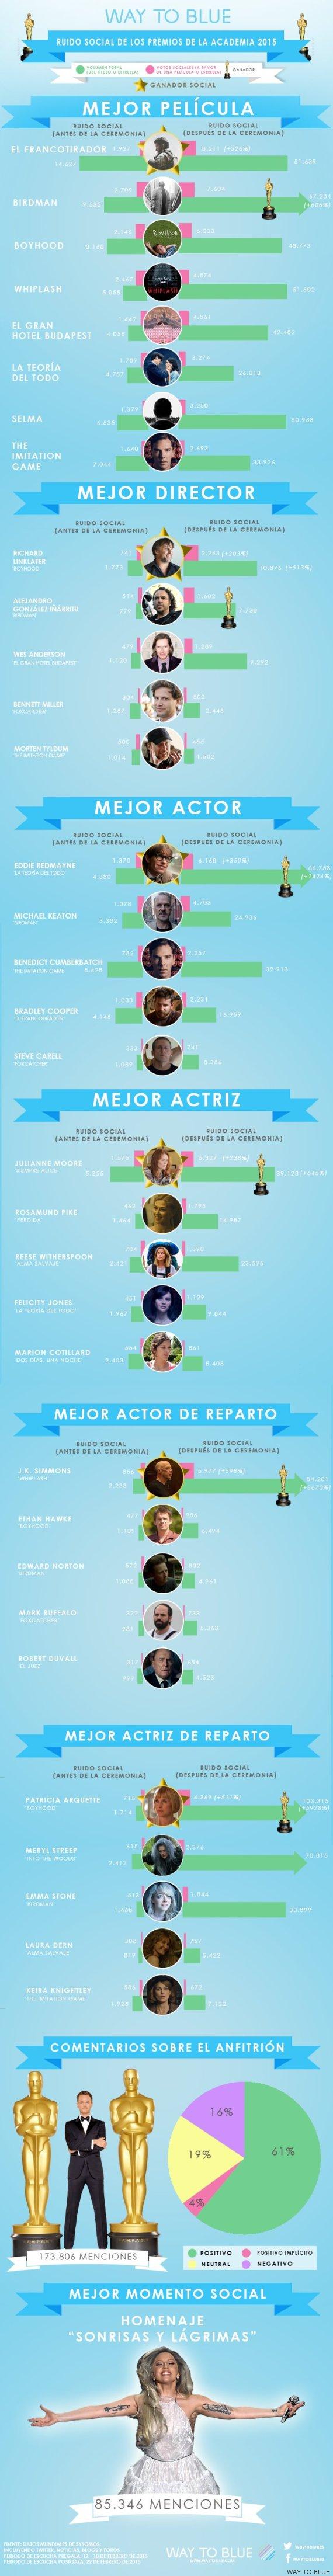 Twitter en los Oscar 2015